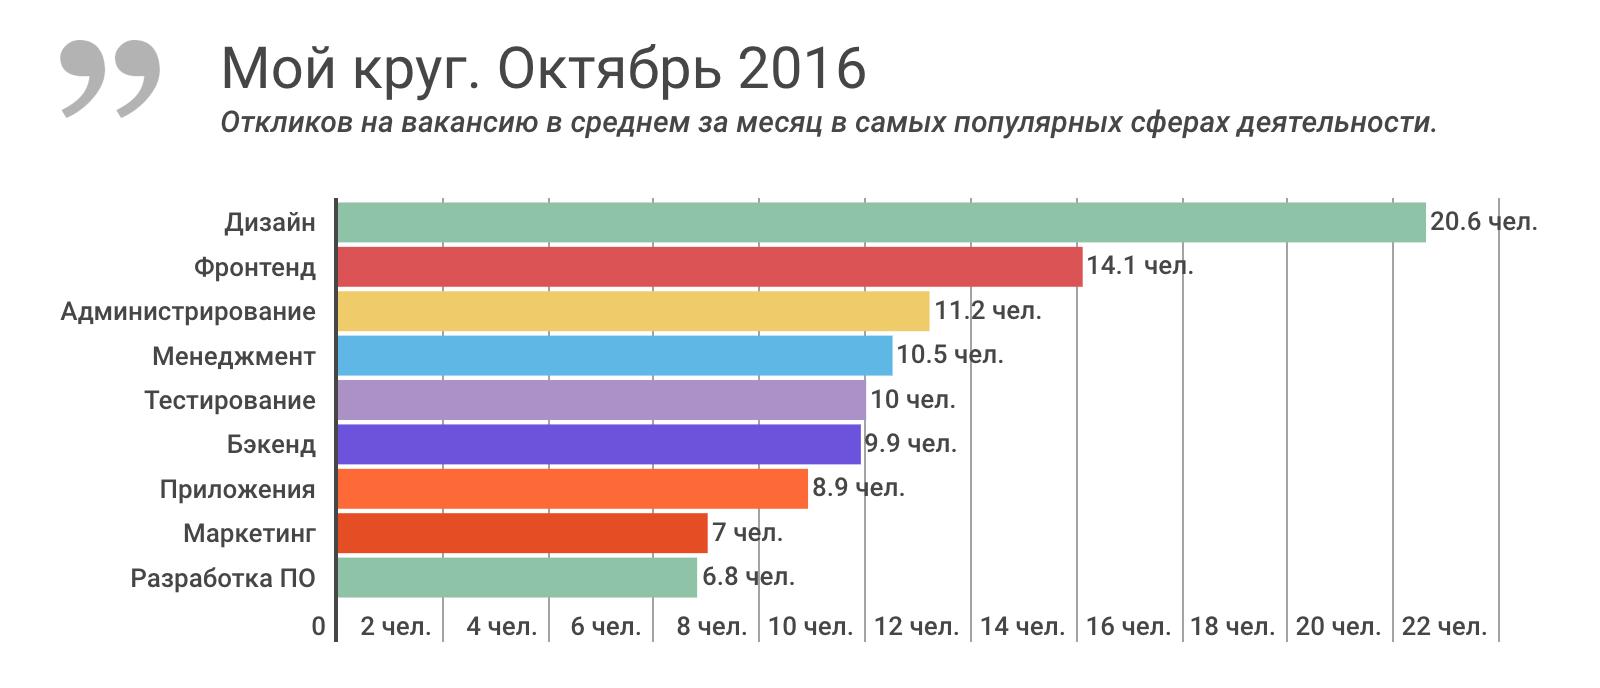 Отчет о результатах «Моего круга» за октябрь 2016, и самые популярные вакансии месяца - 1